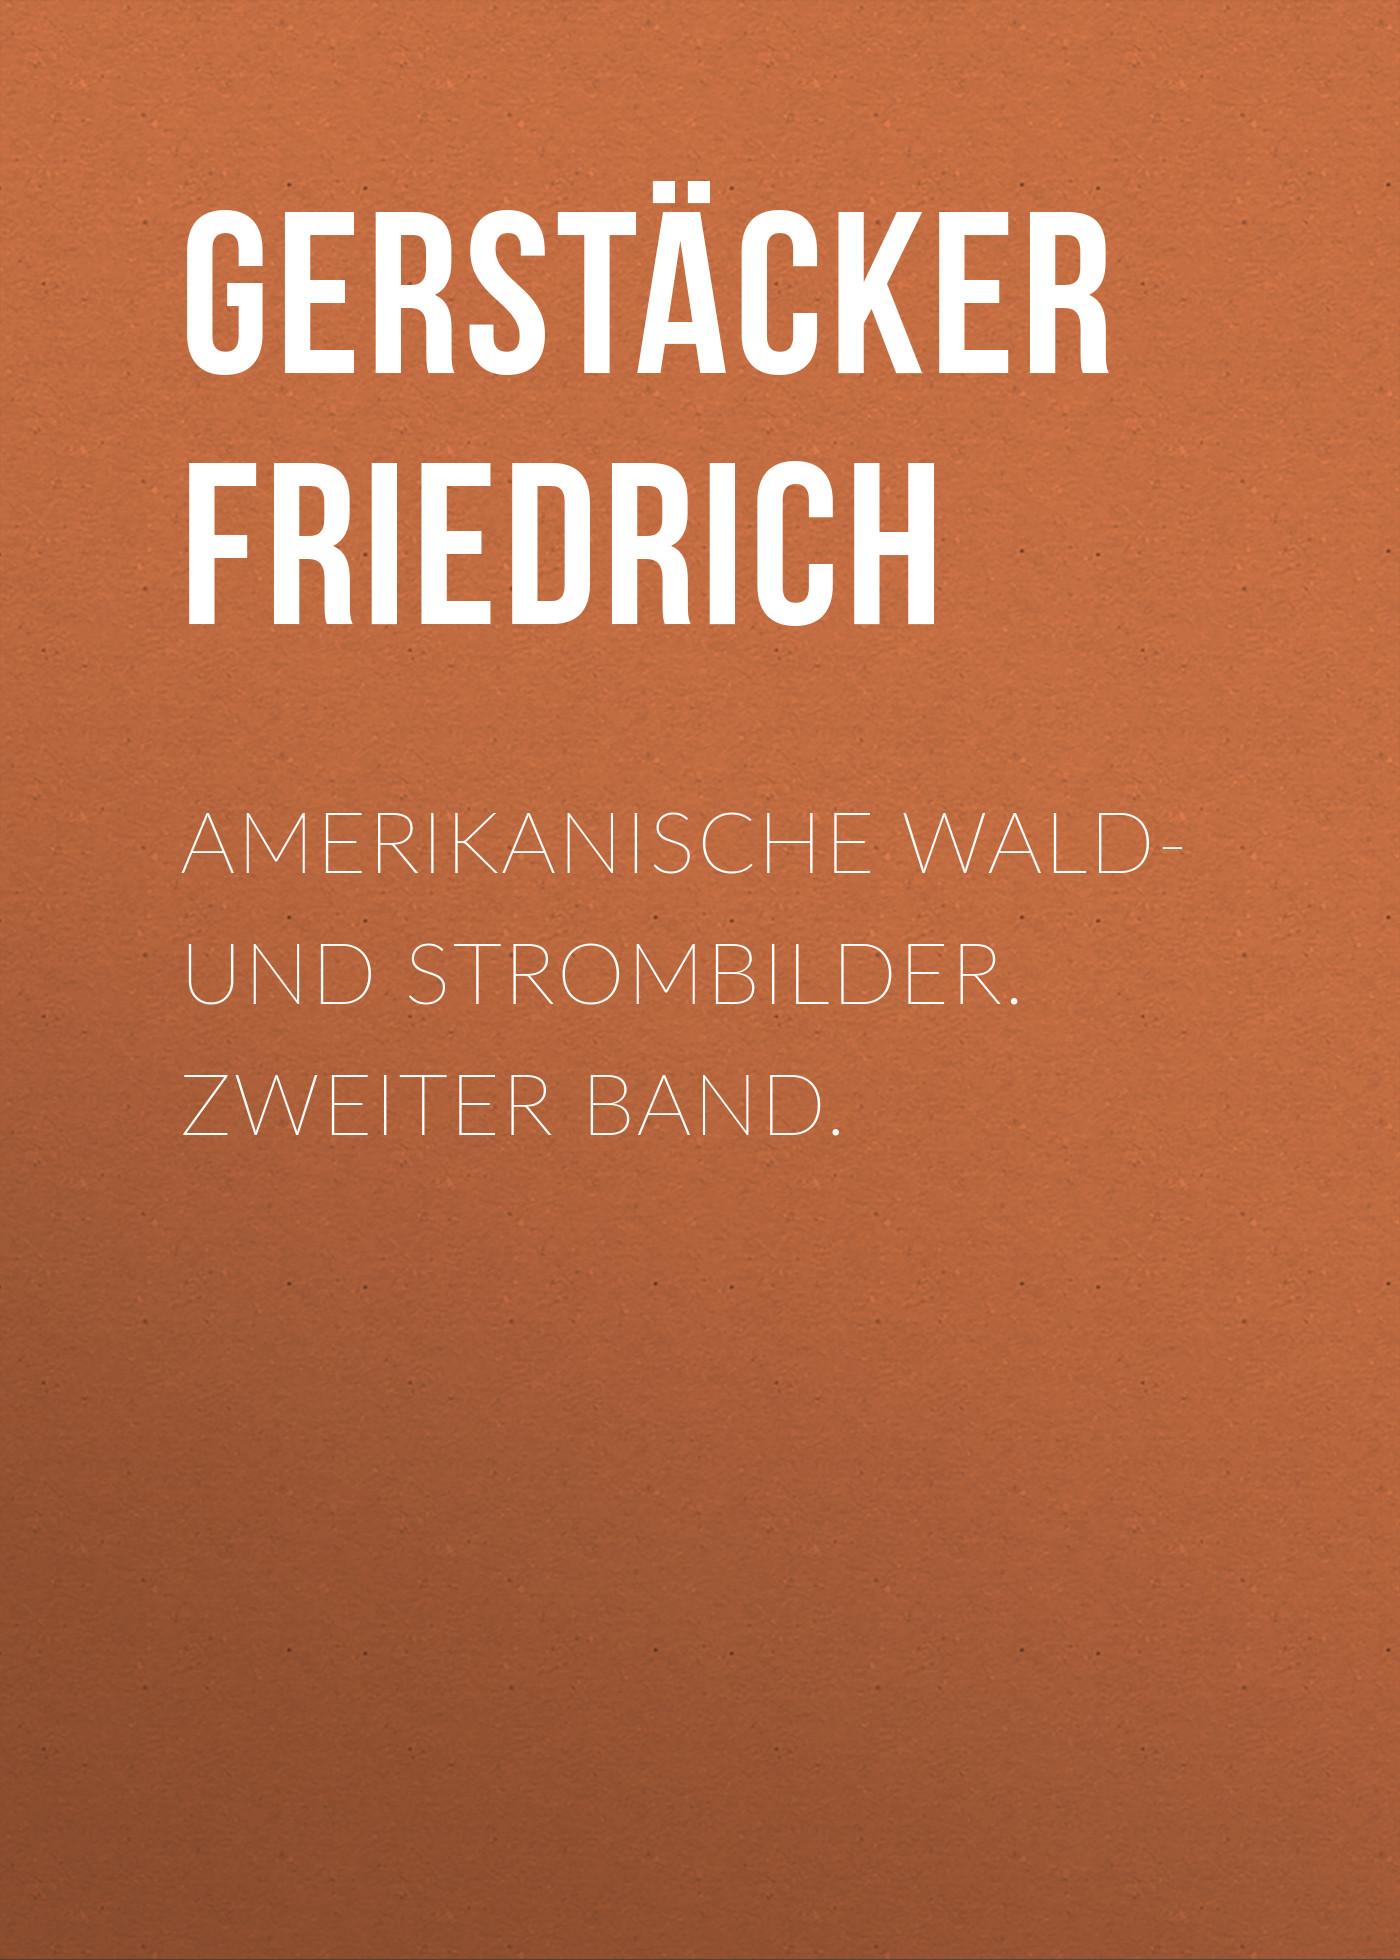 Gerstäcker Friedrich Amerikanische Wald- und Strombilder. Zweiter Band. gerstäcker friedrich amerikanische wald und strombilder zweiter band